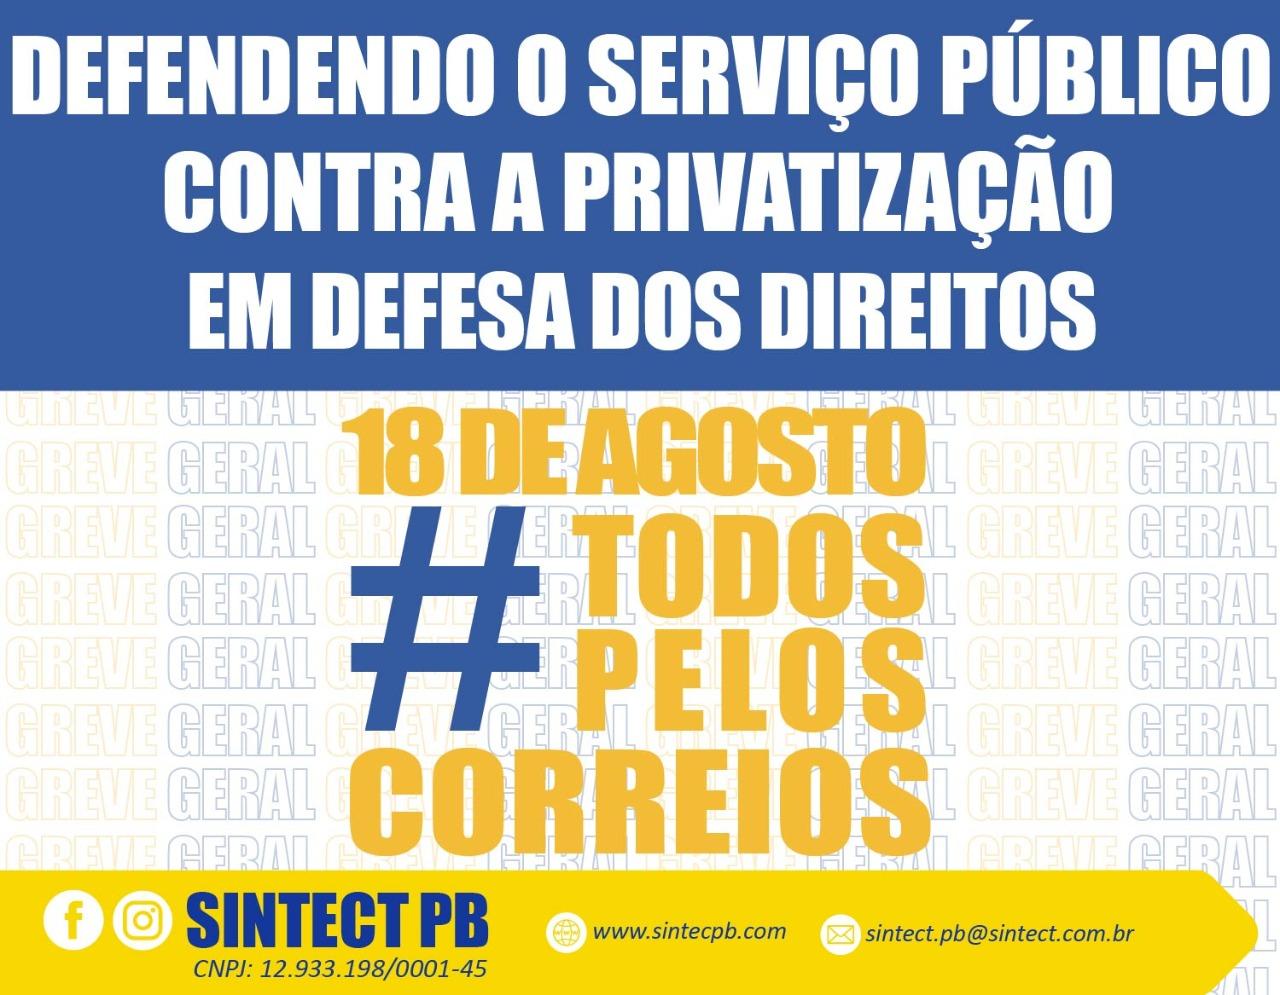 Contra a privatização dos correios